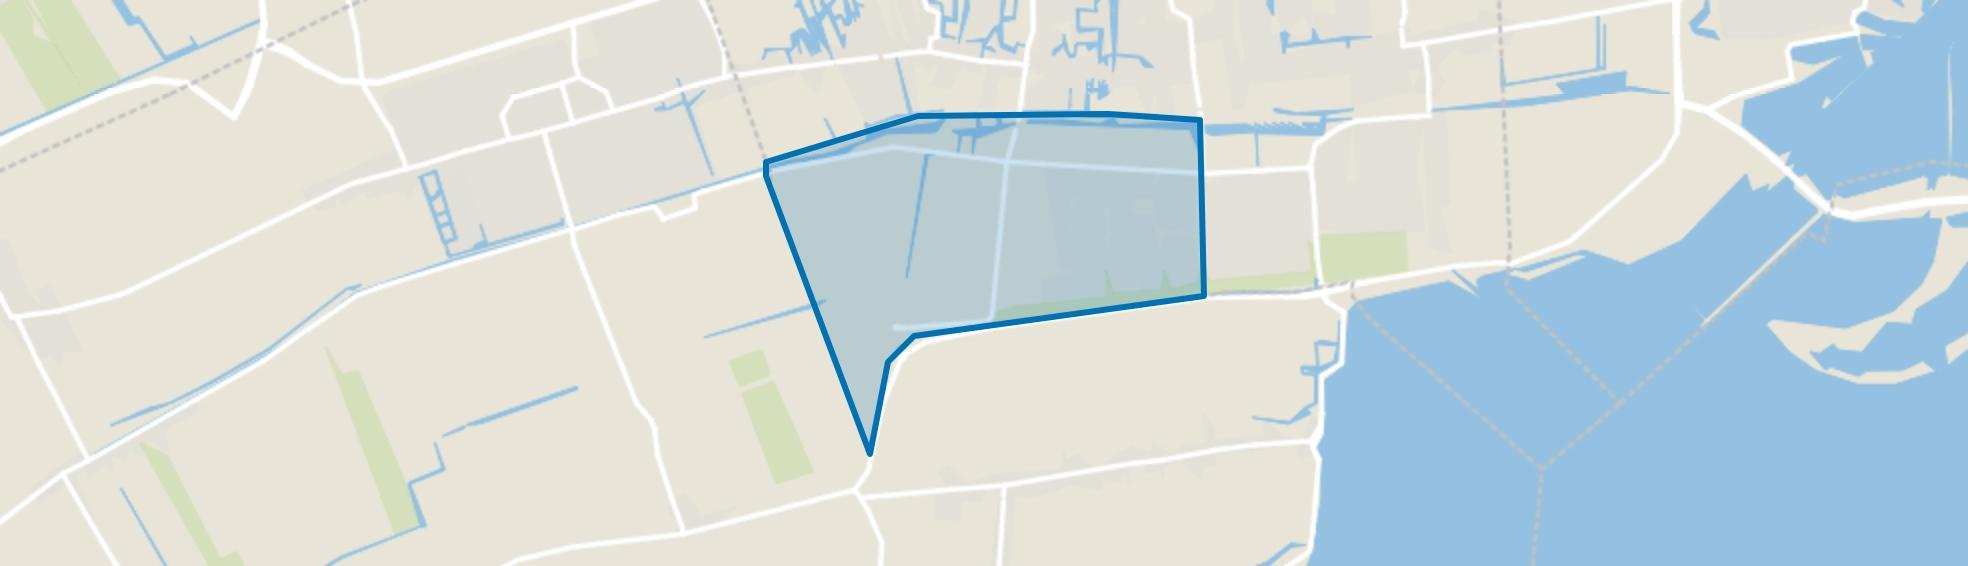 Kloosterhof en Oostersluis, Grootebroek map